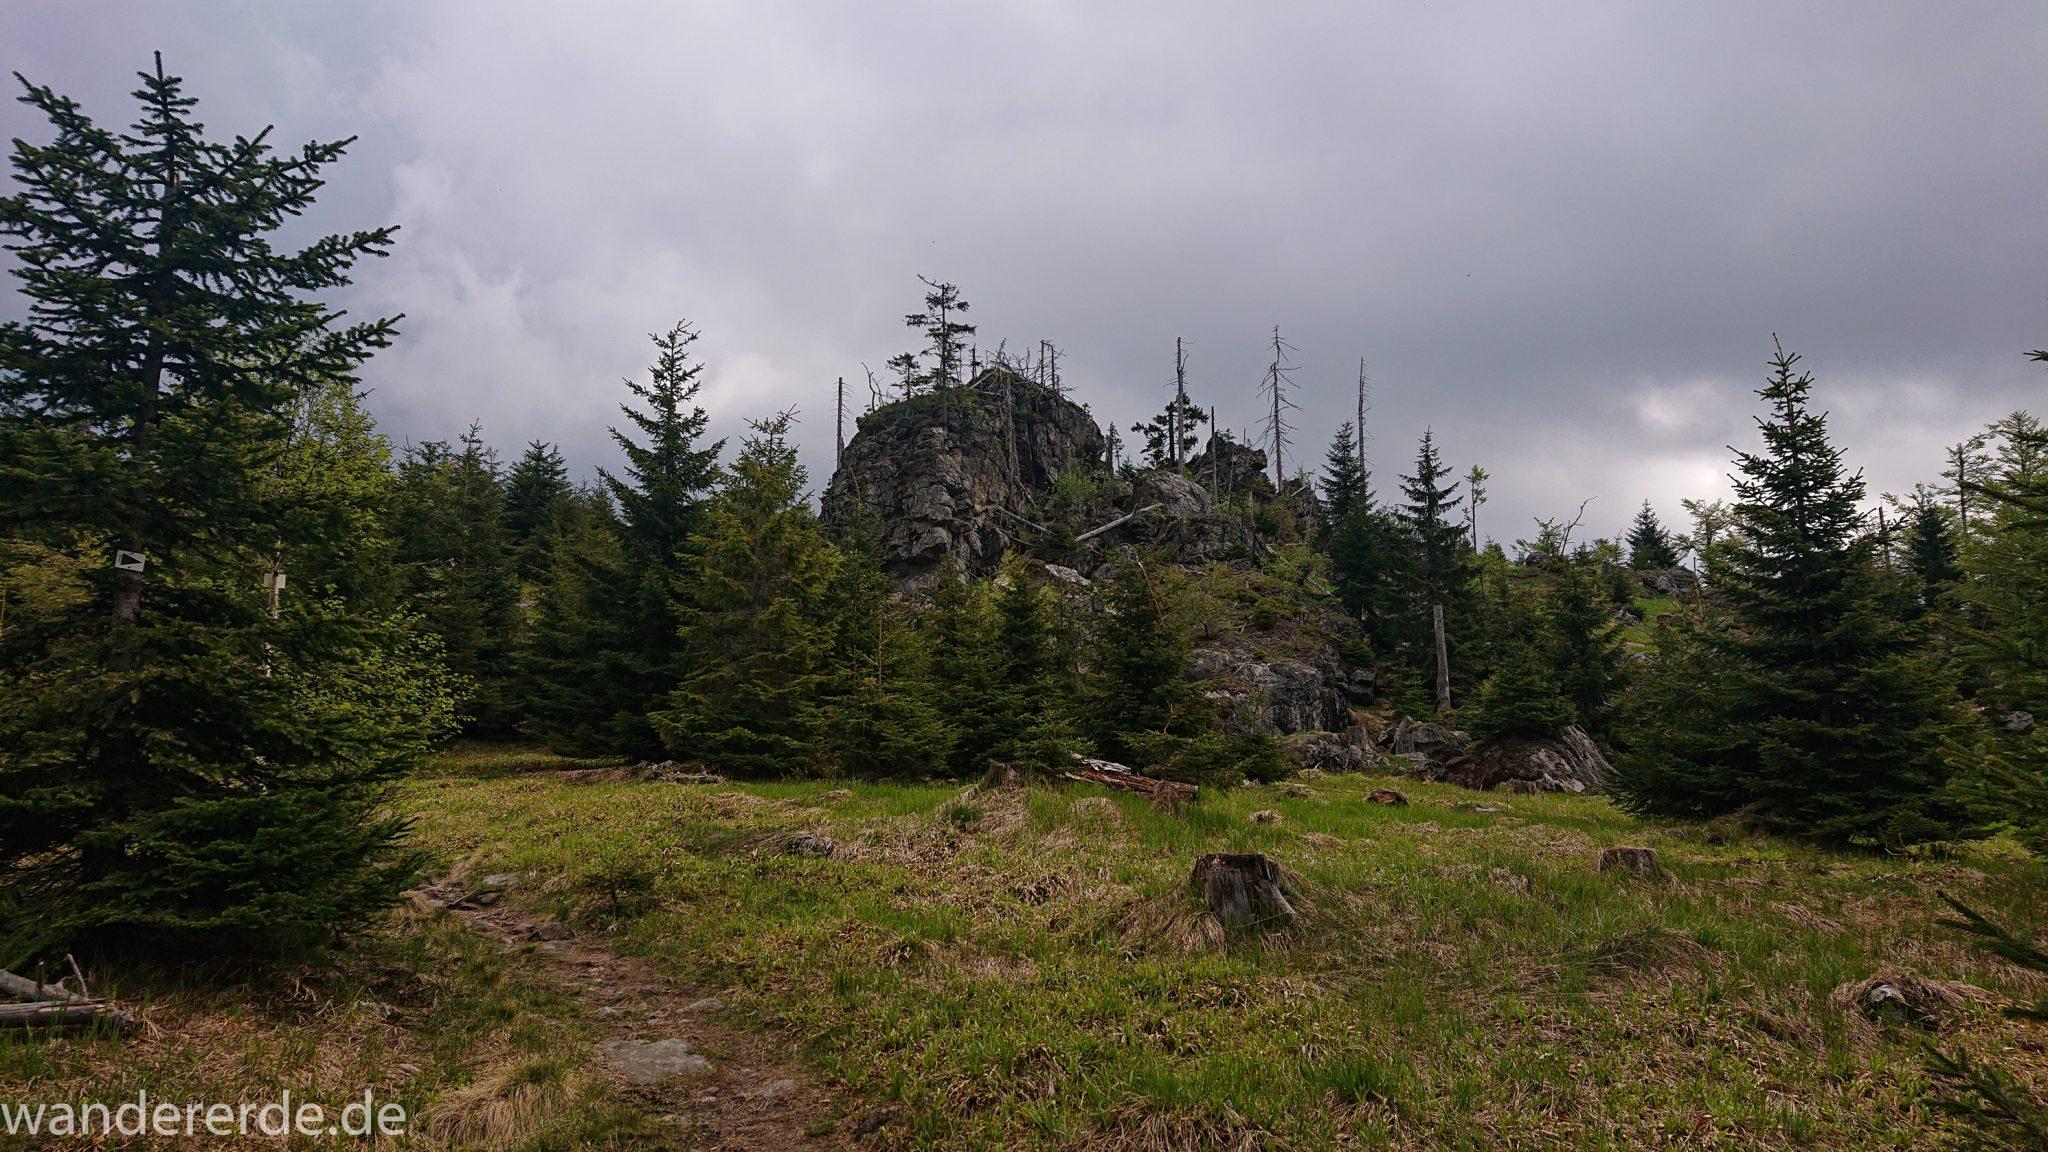 Wanderung Großer Rachel im Nationalpark Bayerischer Wald, Start Parkplatz Oberfrauenau, abwechslungsreicher naturbelassener Wanderweg auf den Berg Großer Rachel, schöner dichter Wald im Nationalpark Bayerischer Wald, Felsen, schmaler Wanderpfad, Wegmarkierung grünes Dreieck